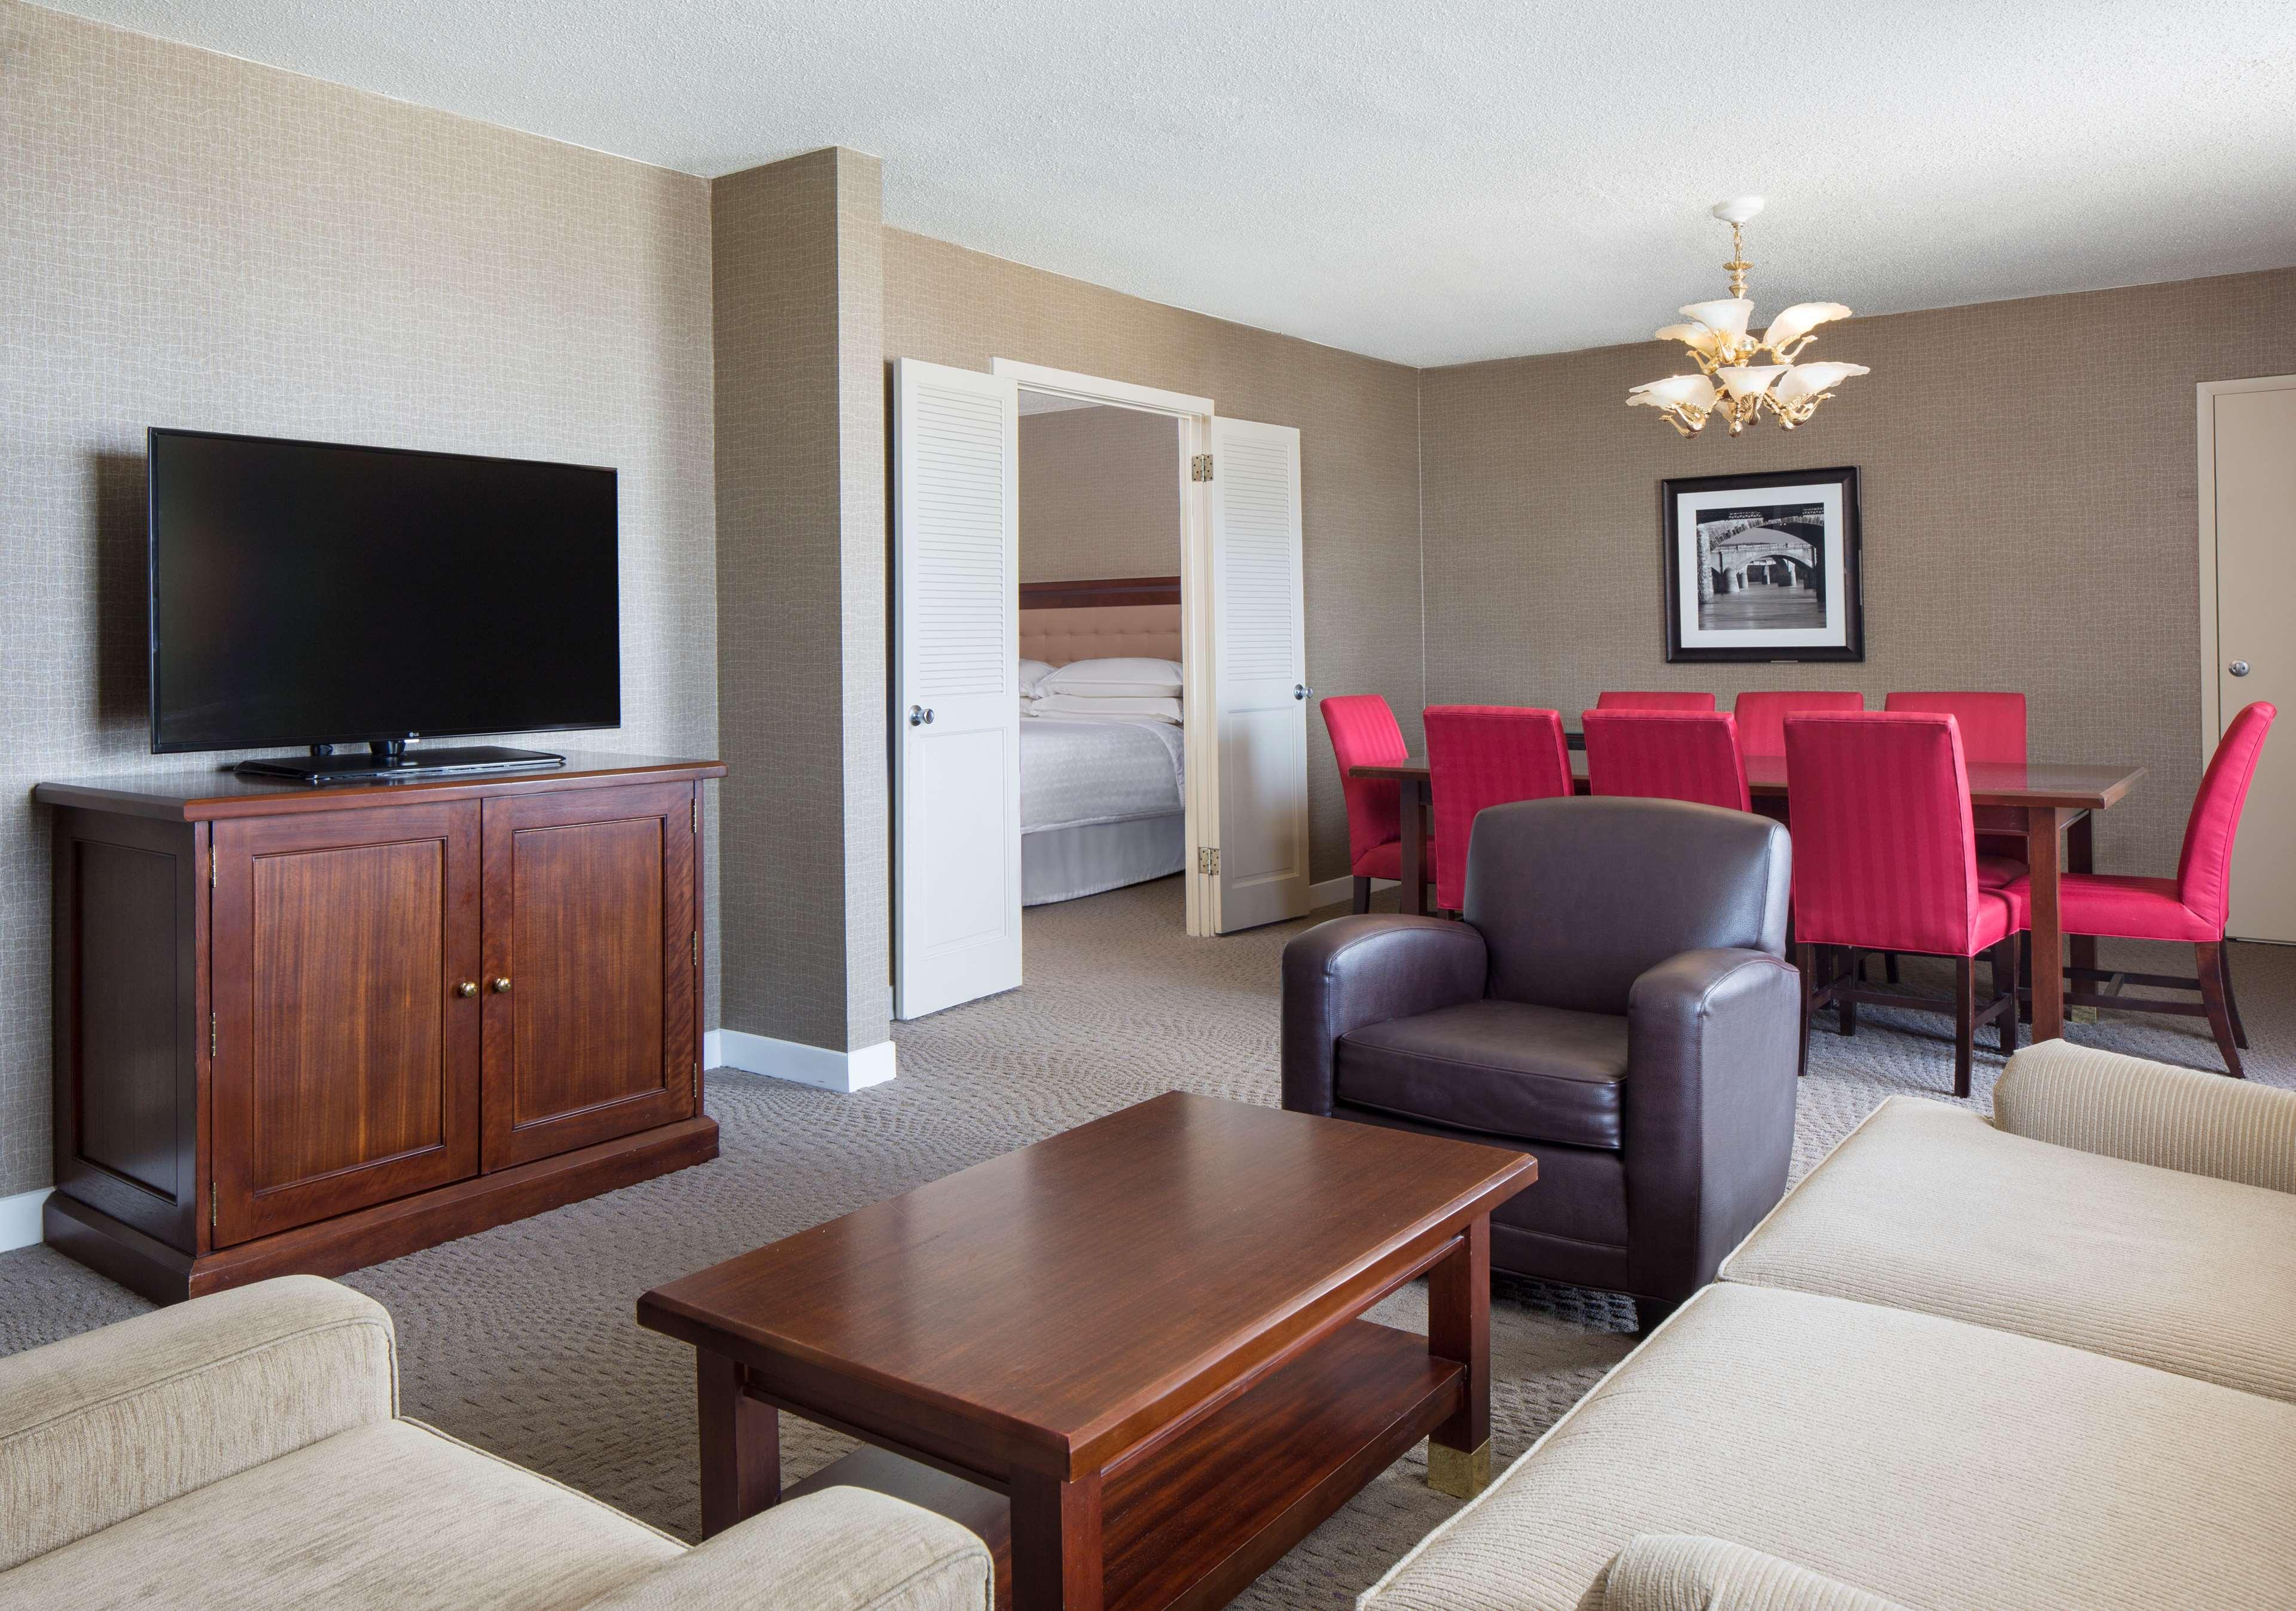 Sheraton Harrisburg Hershey Hotel image 11